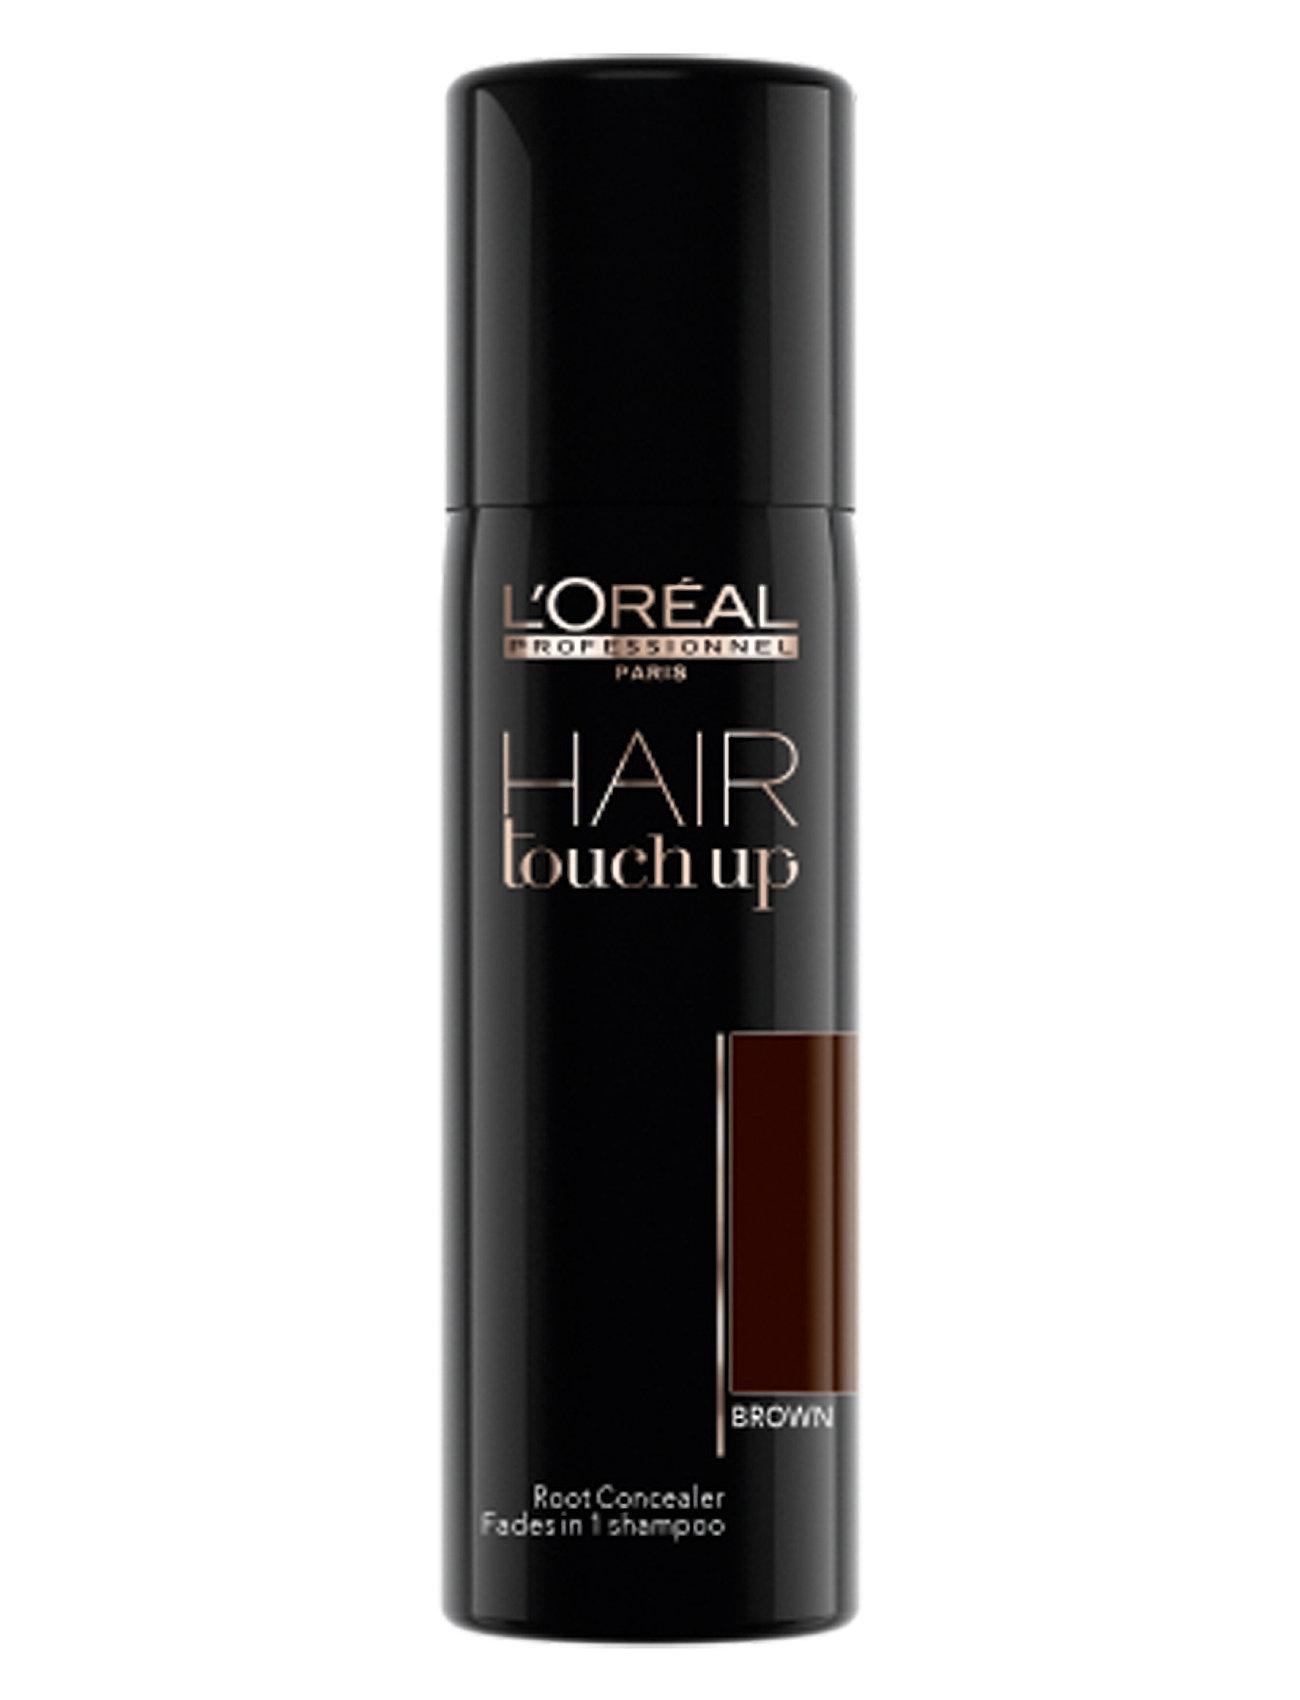 L'OréAl Professionnel Hair Touch Up Brown - L'Oréal Professionnel